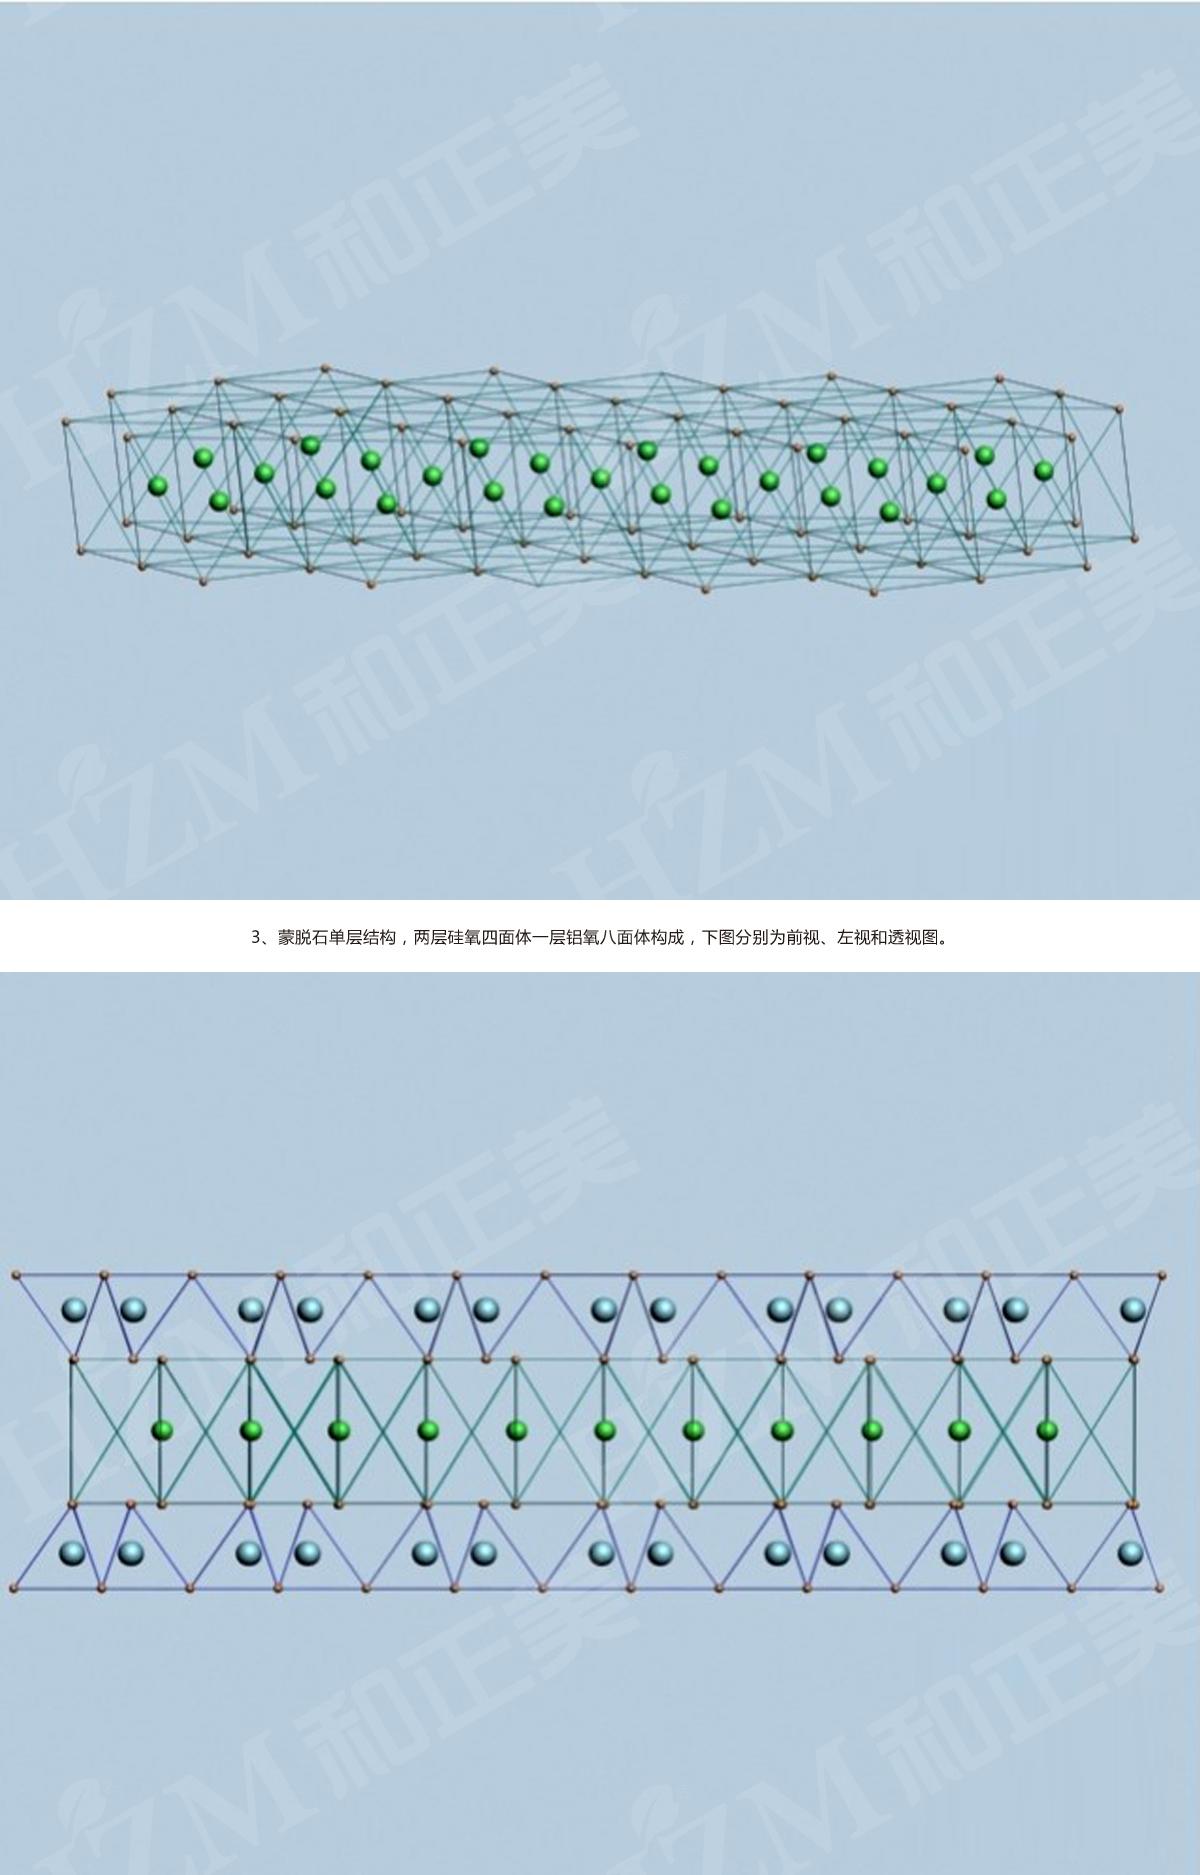 结构图5.jpg